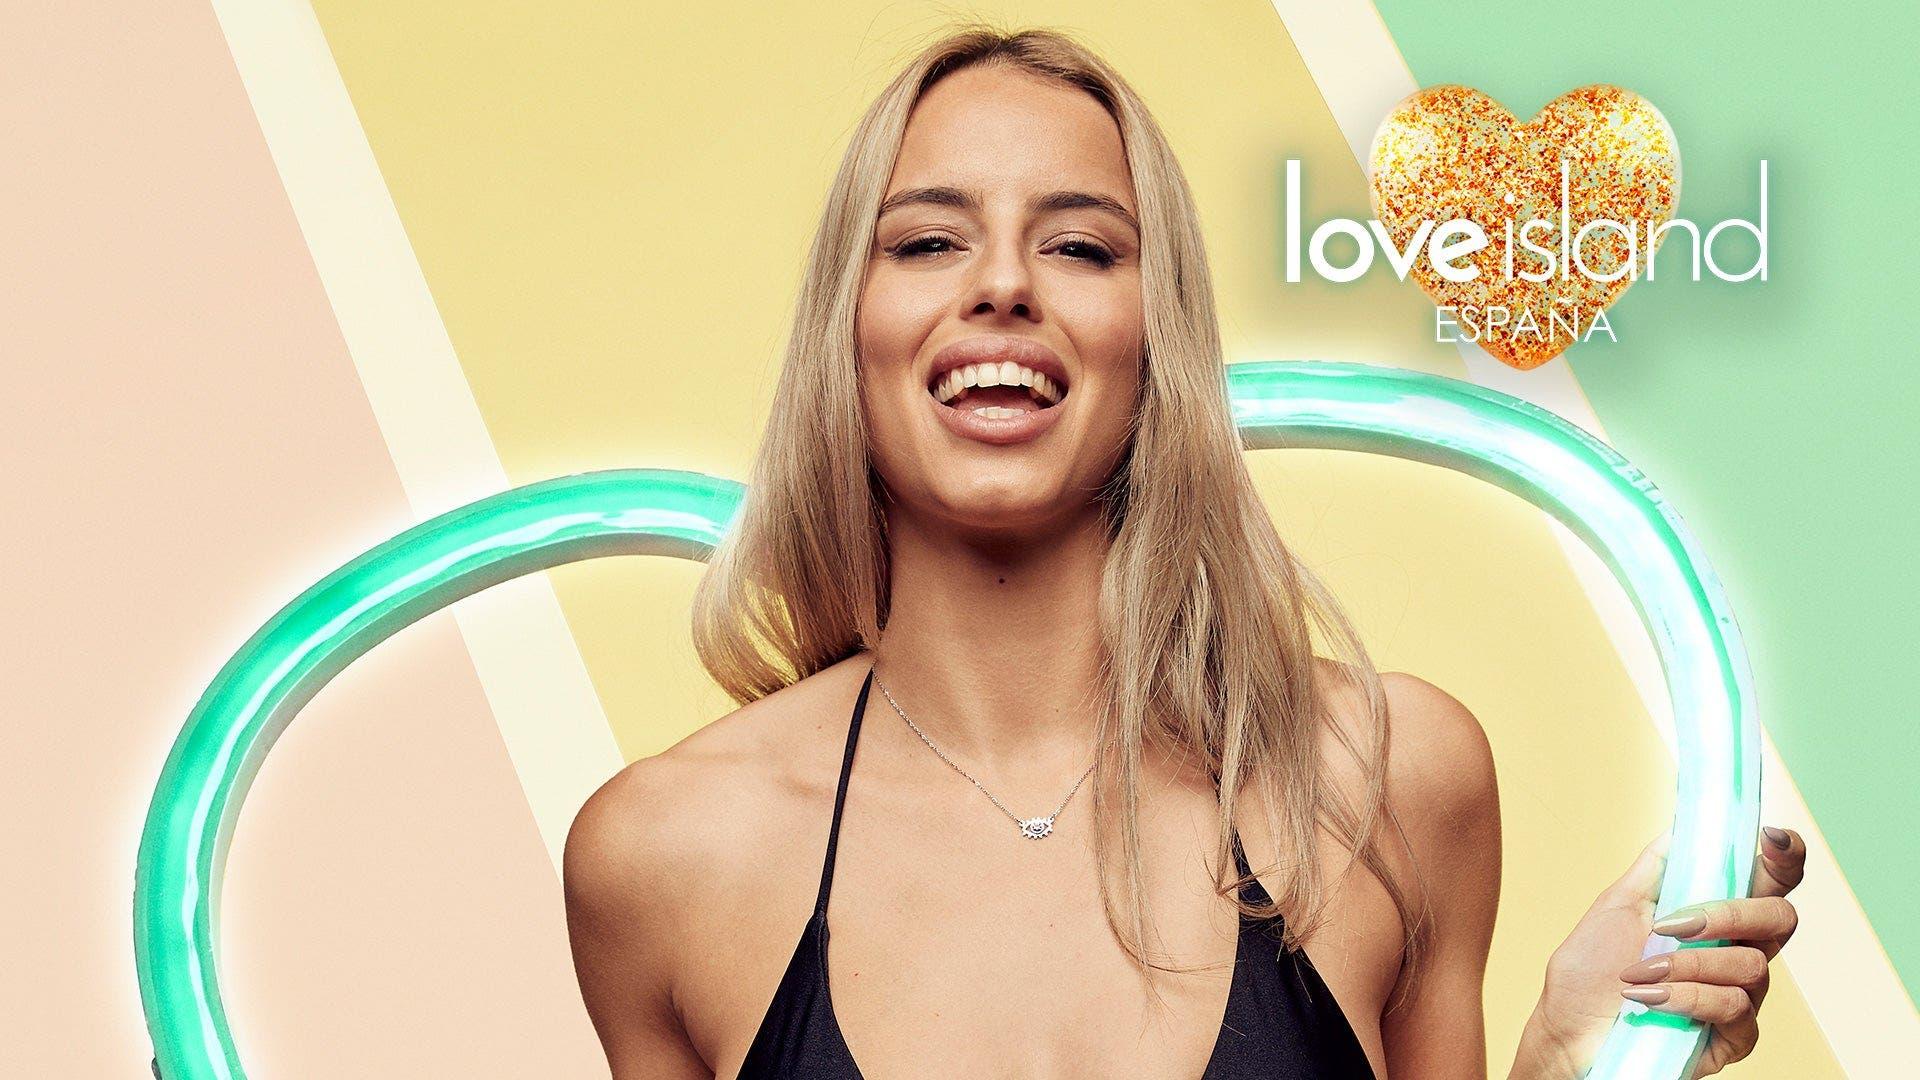 Love Island Carla